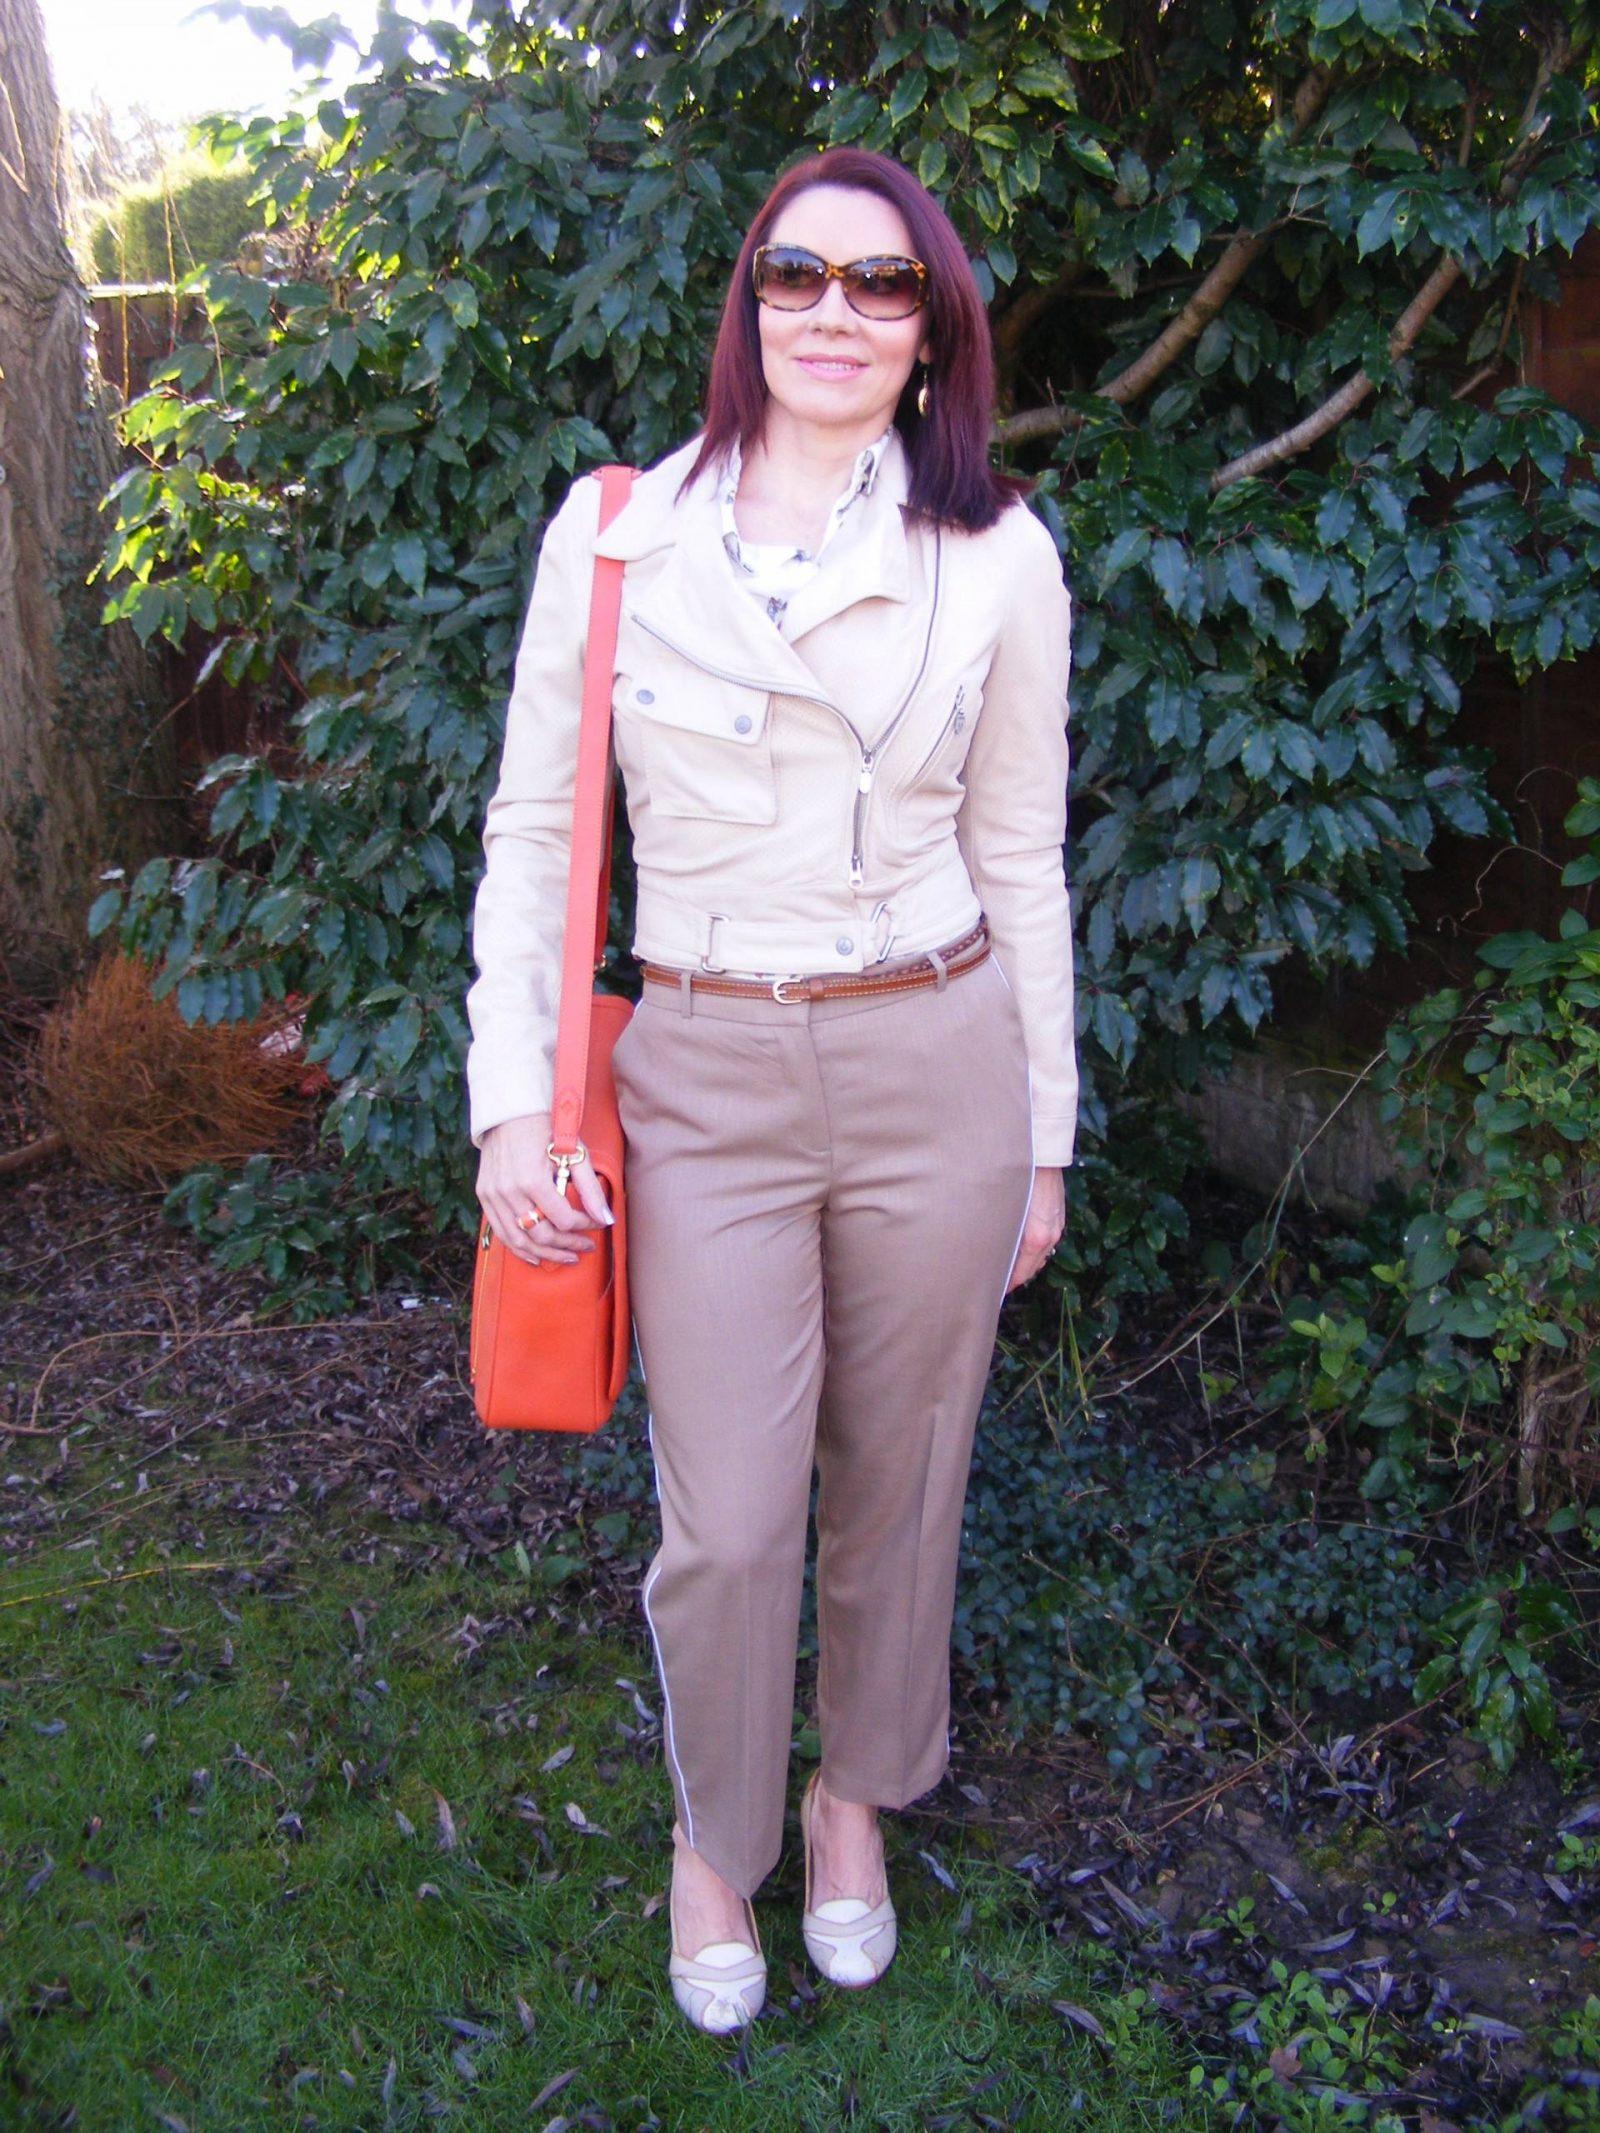 Neutrals With a Pop of Orange Zara shirt Model KT bag Asos trousers Belstaff leather jacket Model KT bag